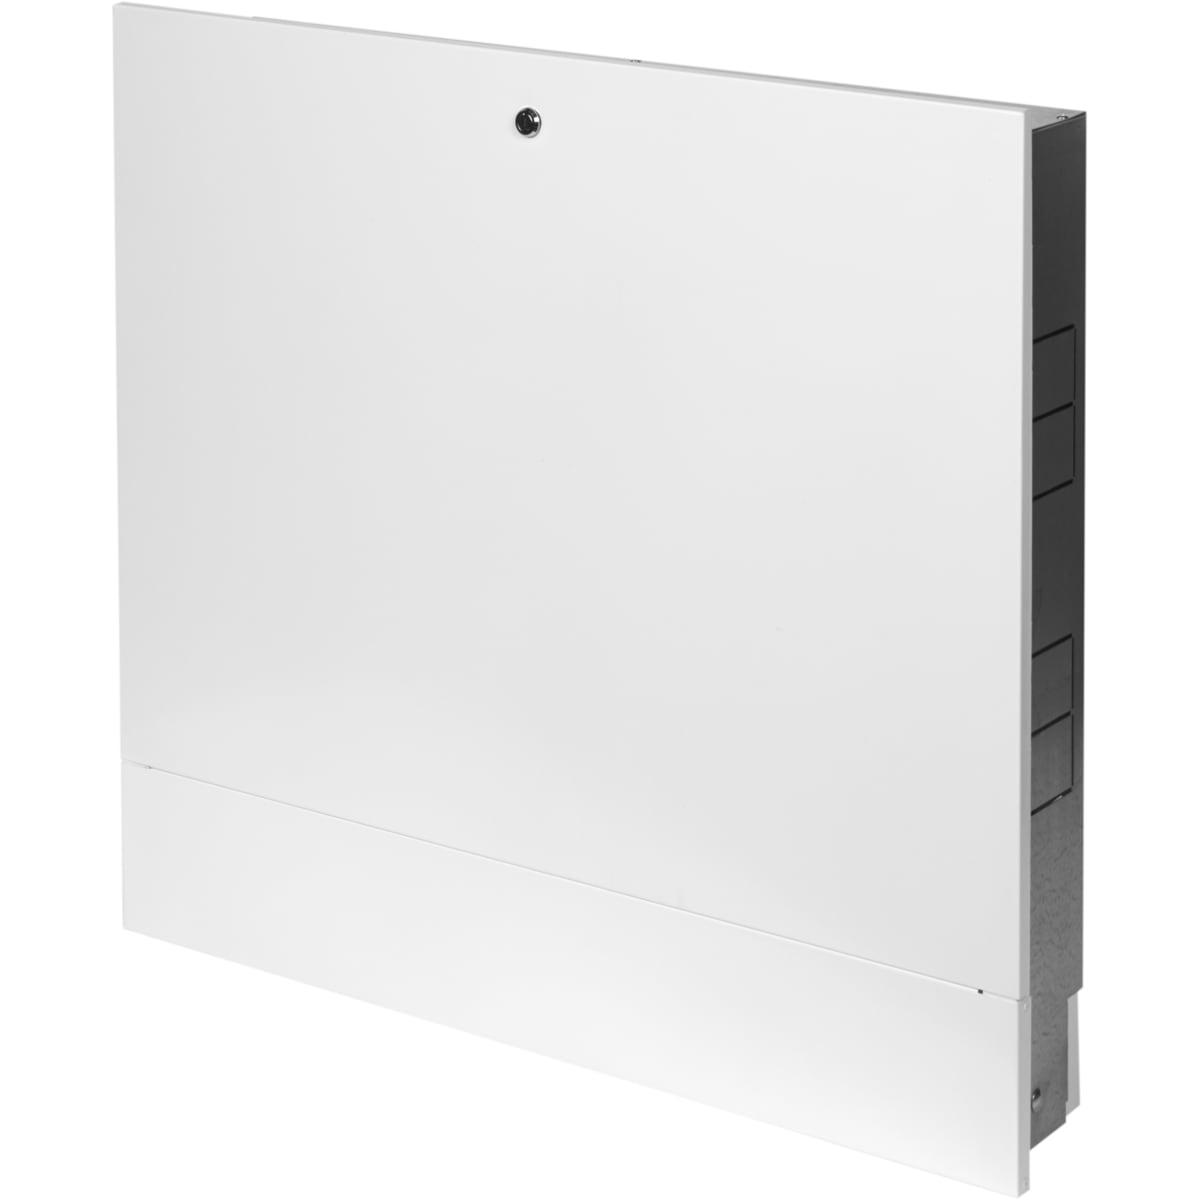 Шкаф коллекторный ШРВ-3 встраиваемый 700х120-180х648-711 мм